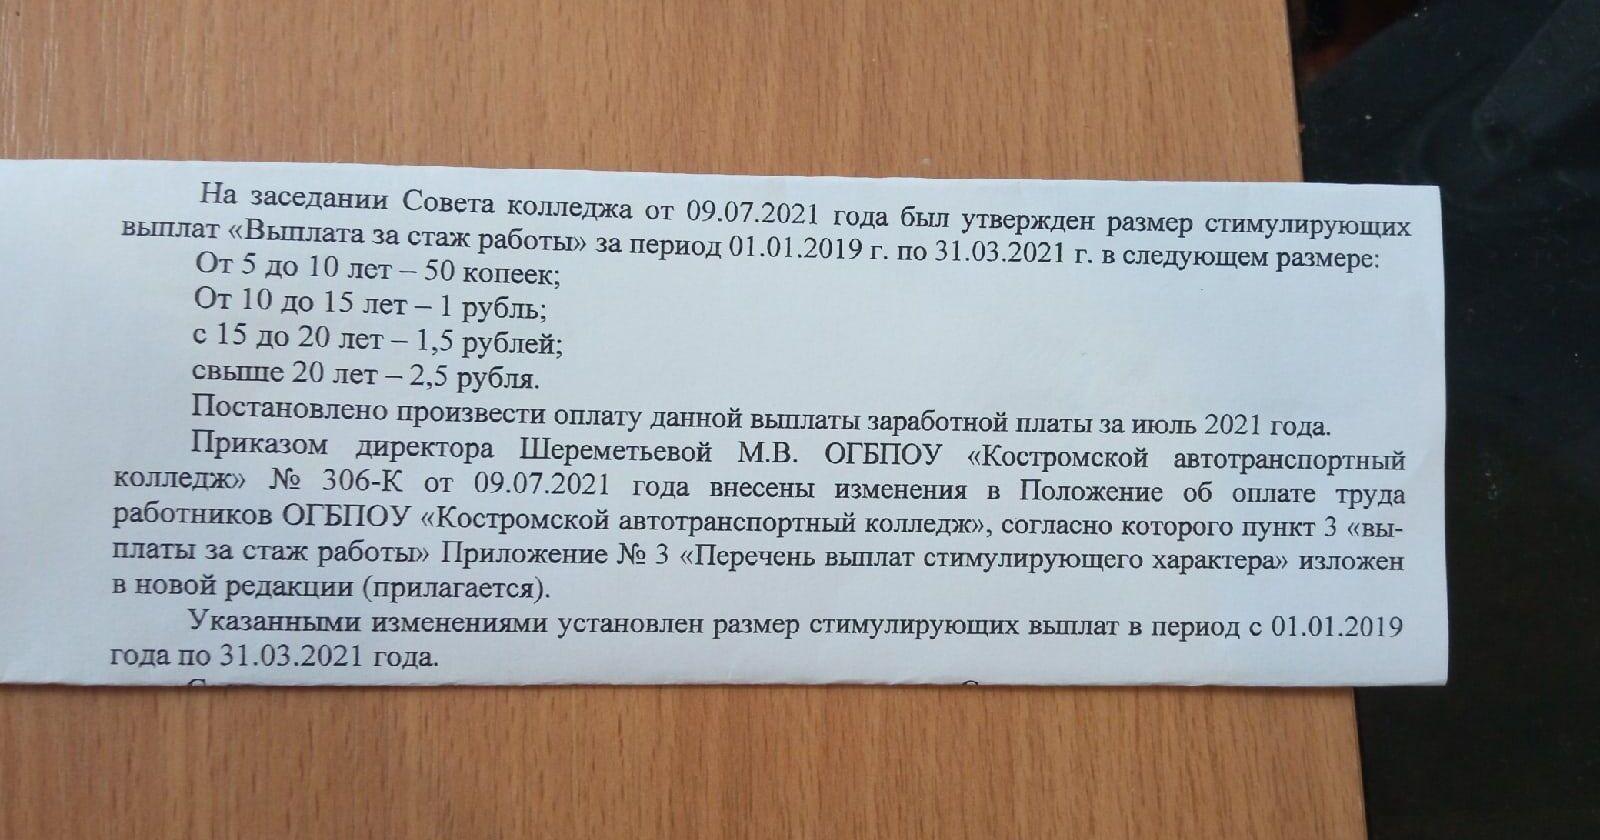 Чиновники рассказали о 50-копеечных премиях преподавателей в Костроме